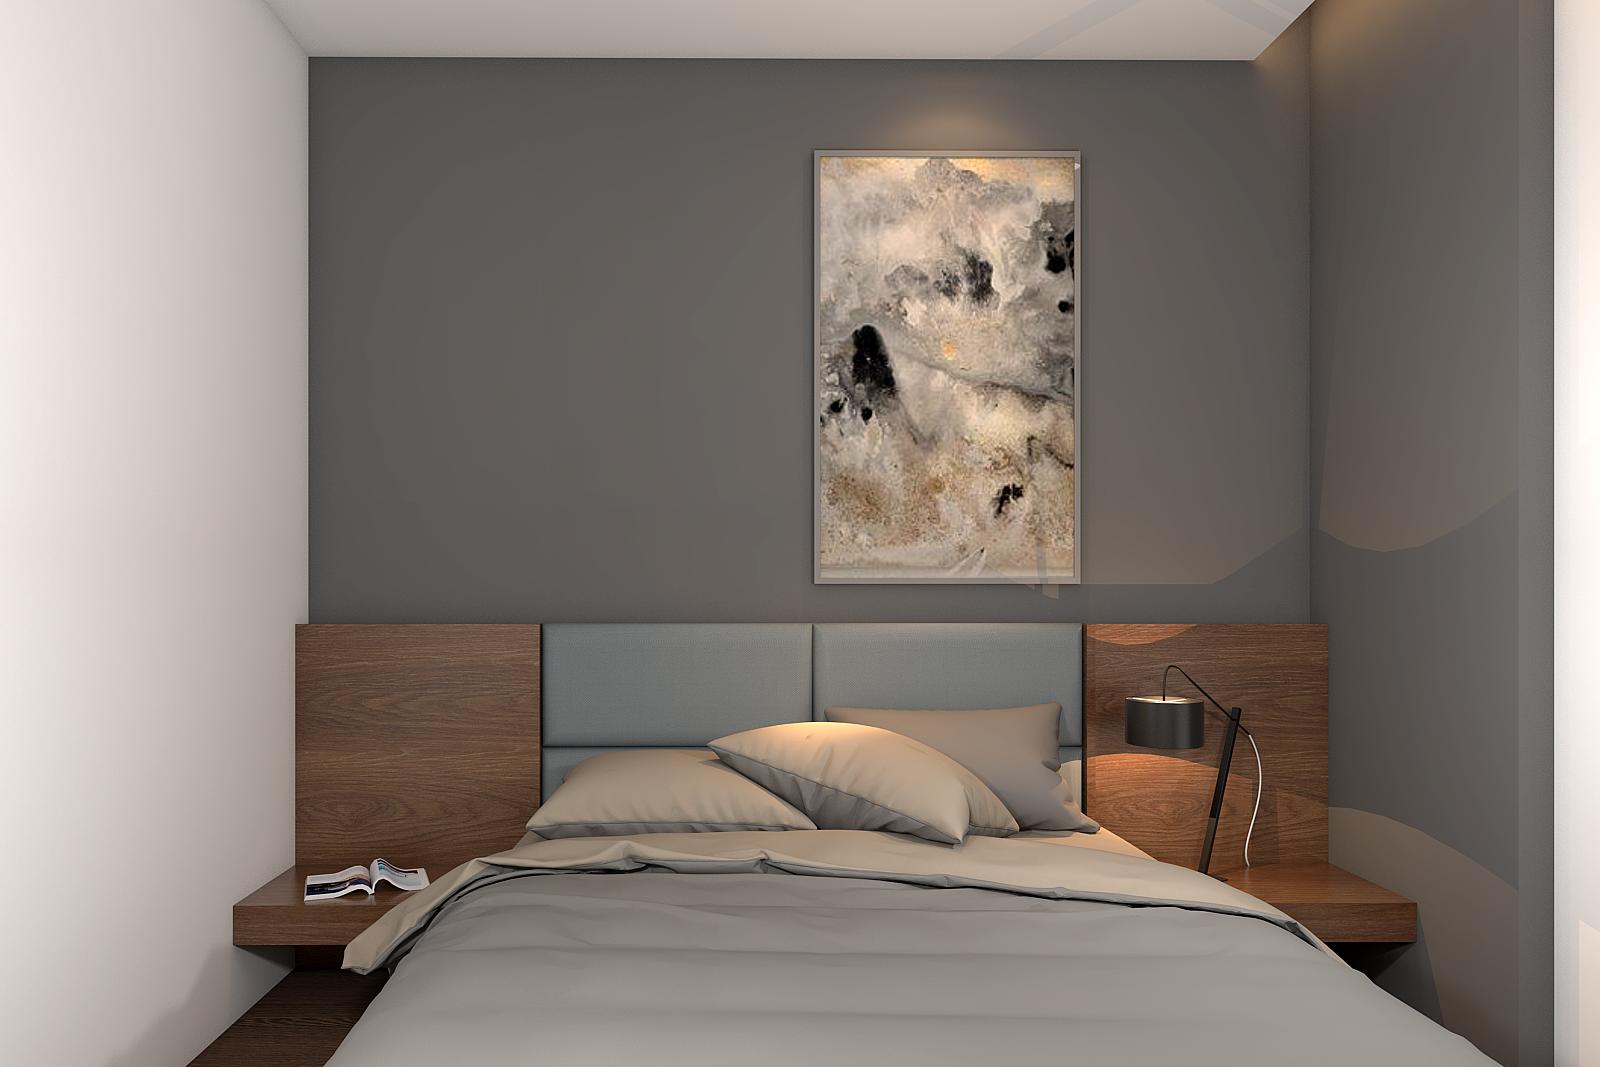 Nội thất gam màu trung tính cho phòng ngủ